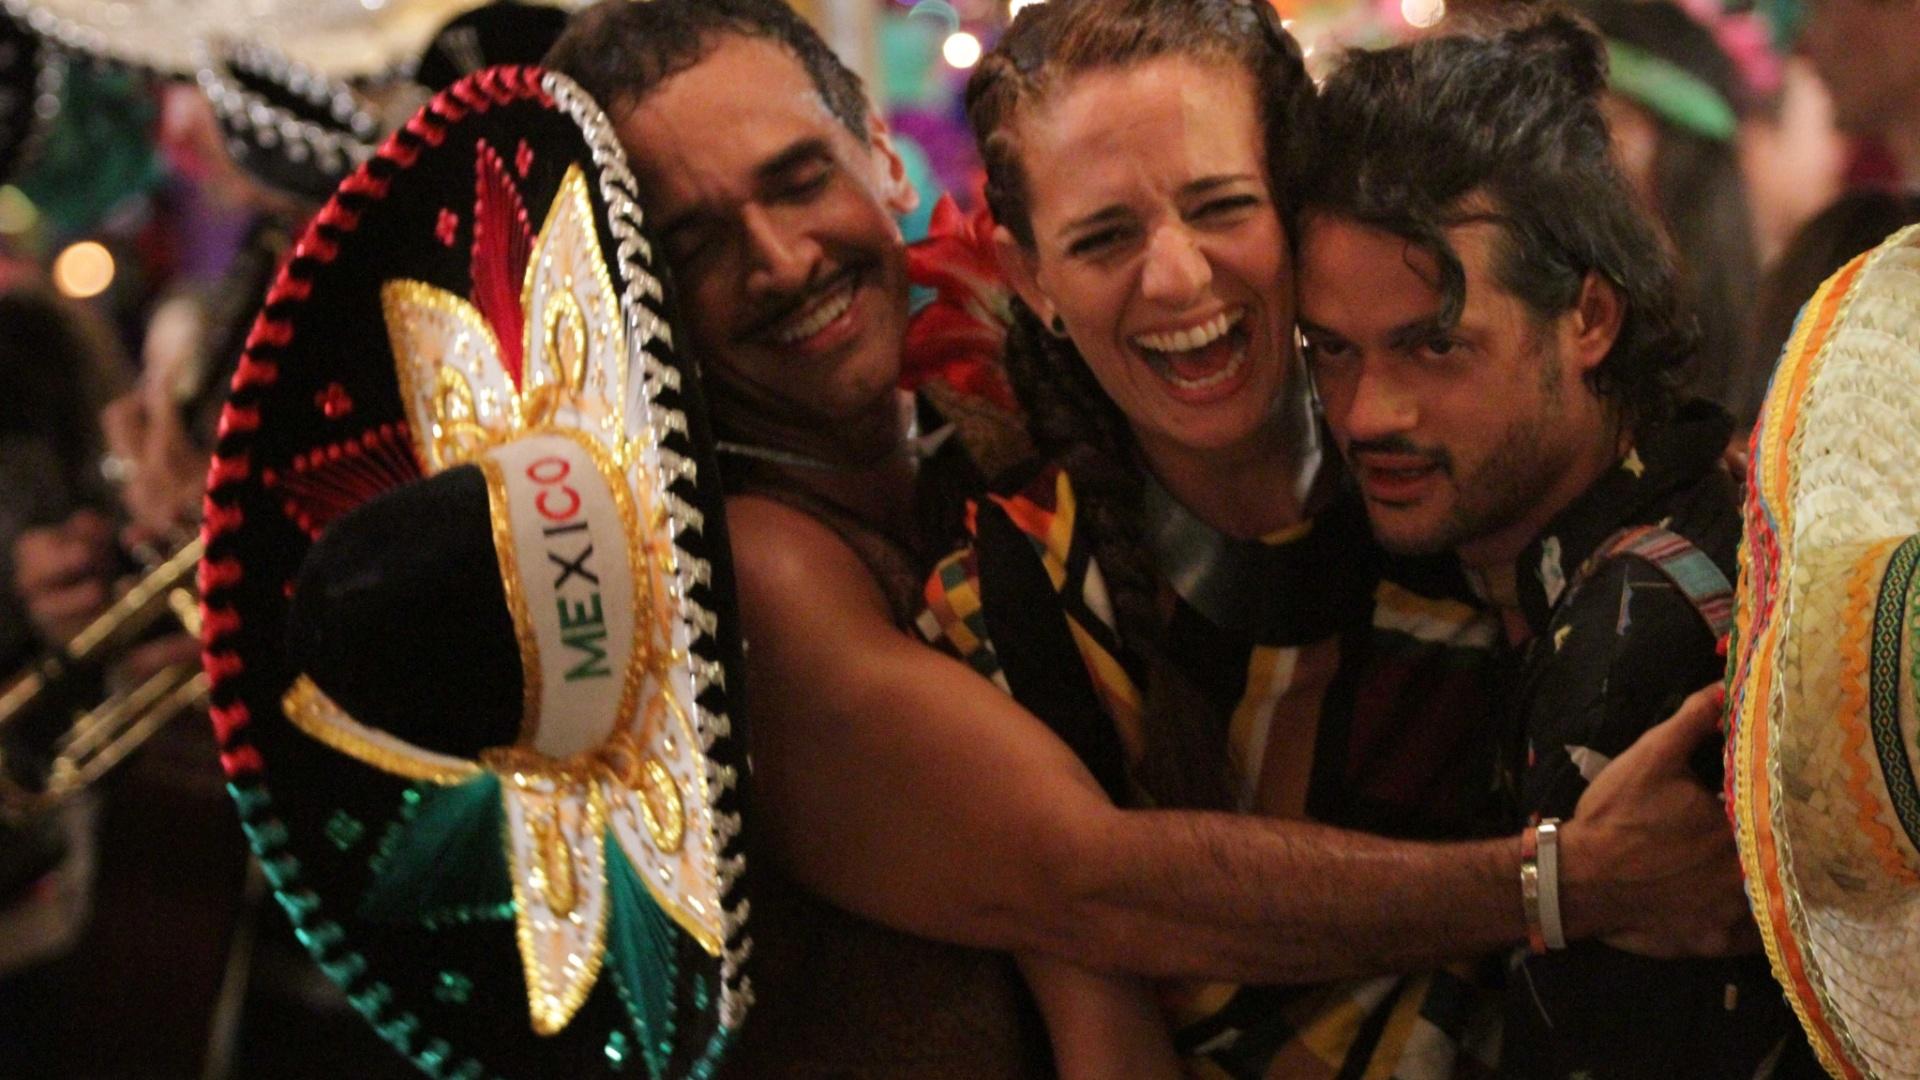 Álamo Facó interpreta Magrão, melhor amigo de Marcelo. A atriz Leticia Novaes interpreta Paula, melhor amiga de Tati